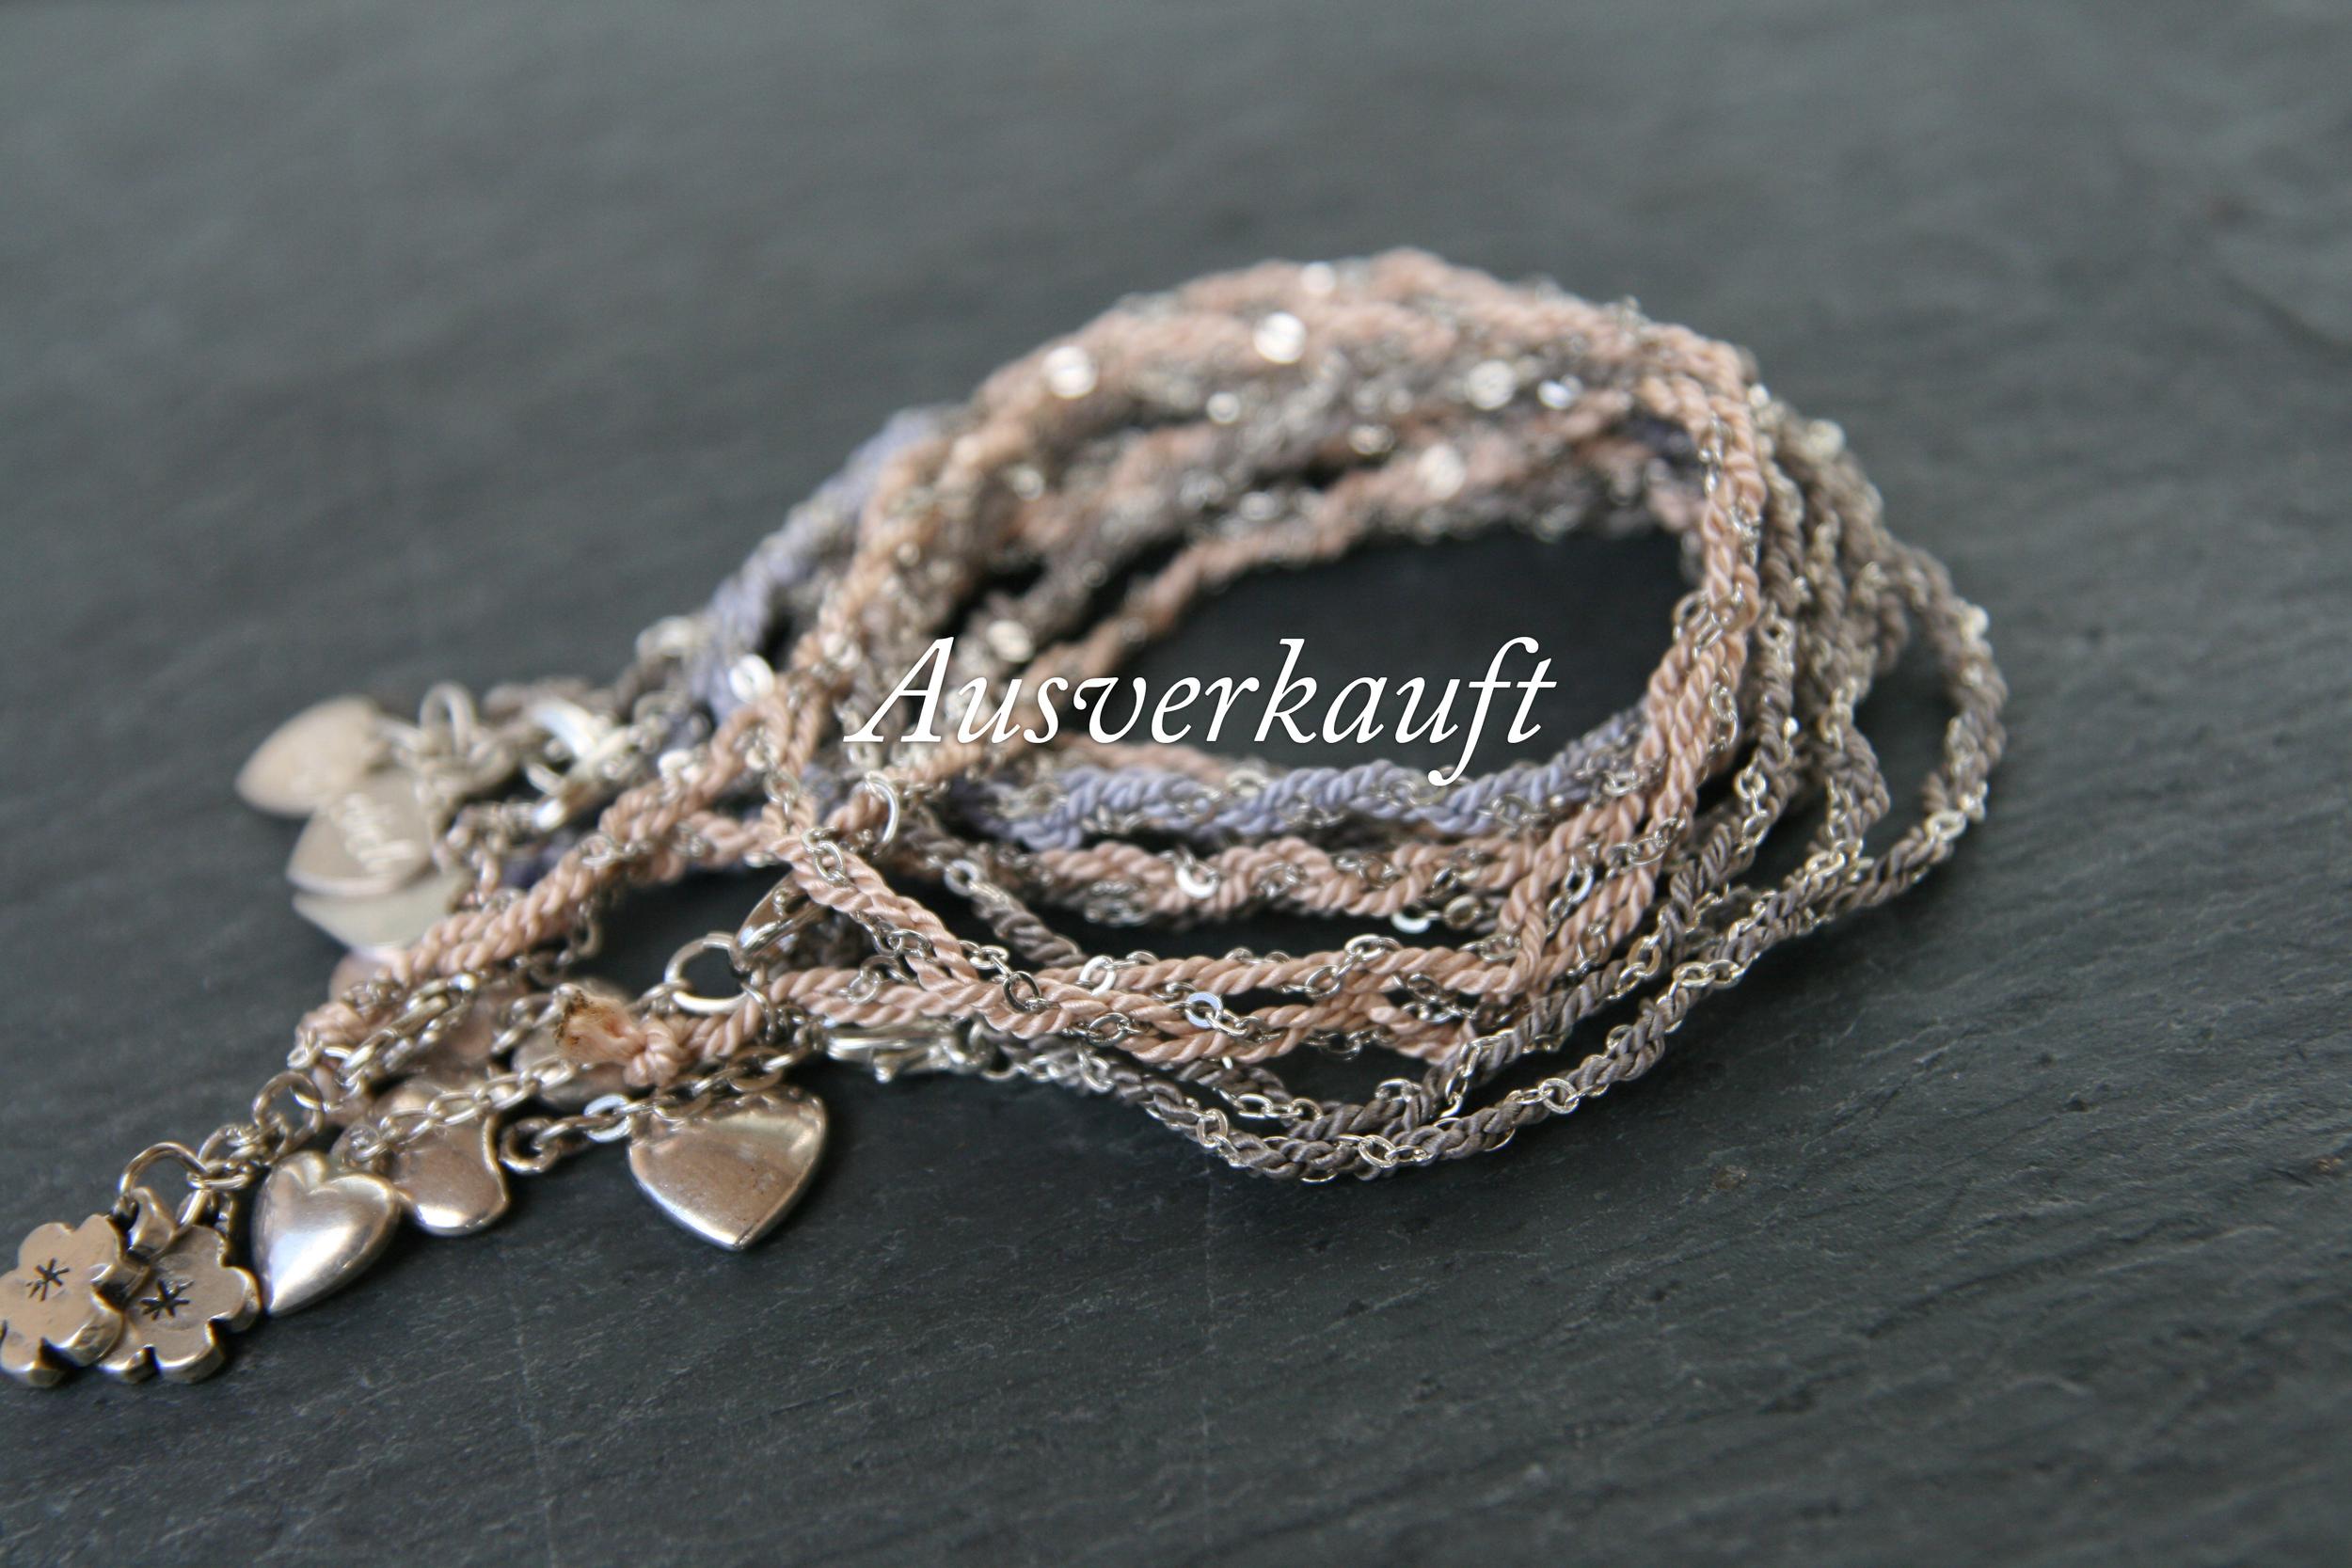 TWISTED  Silbernes Kettchen verknüpft mit Perlseide in Pastellfarben mit diversen Herzanhängern. Herz: ca. 1cm; Band in den Farben rosé, hellblau und taupe erhältlich.  15€